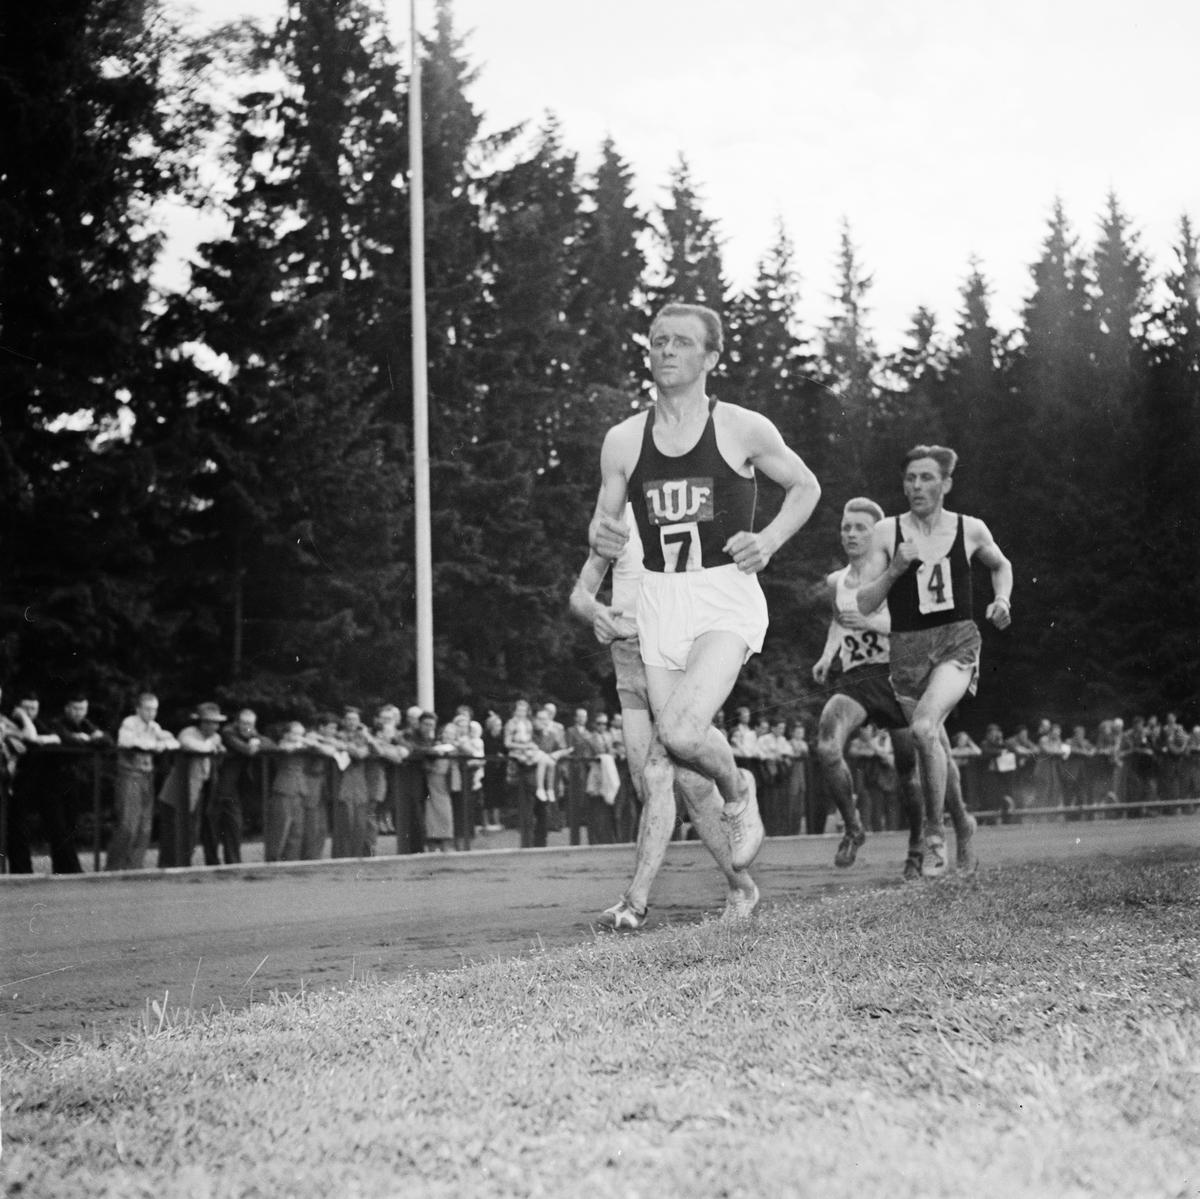 Friidrott, svenska mästerskap 10000 meter, Studenternas Idrottsplats, Uppsala, juni 1952